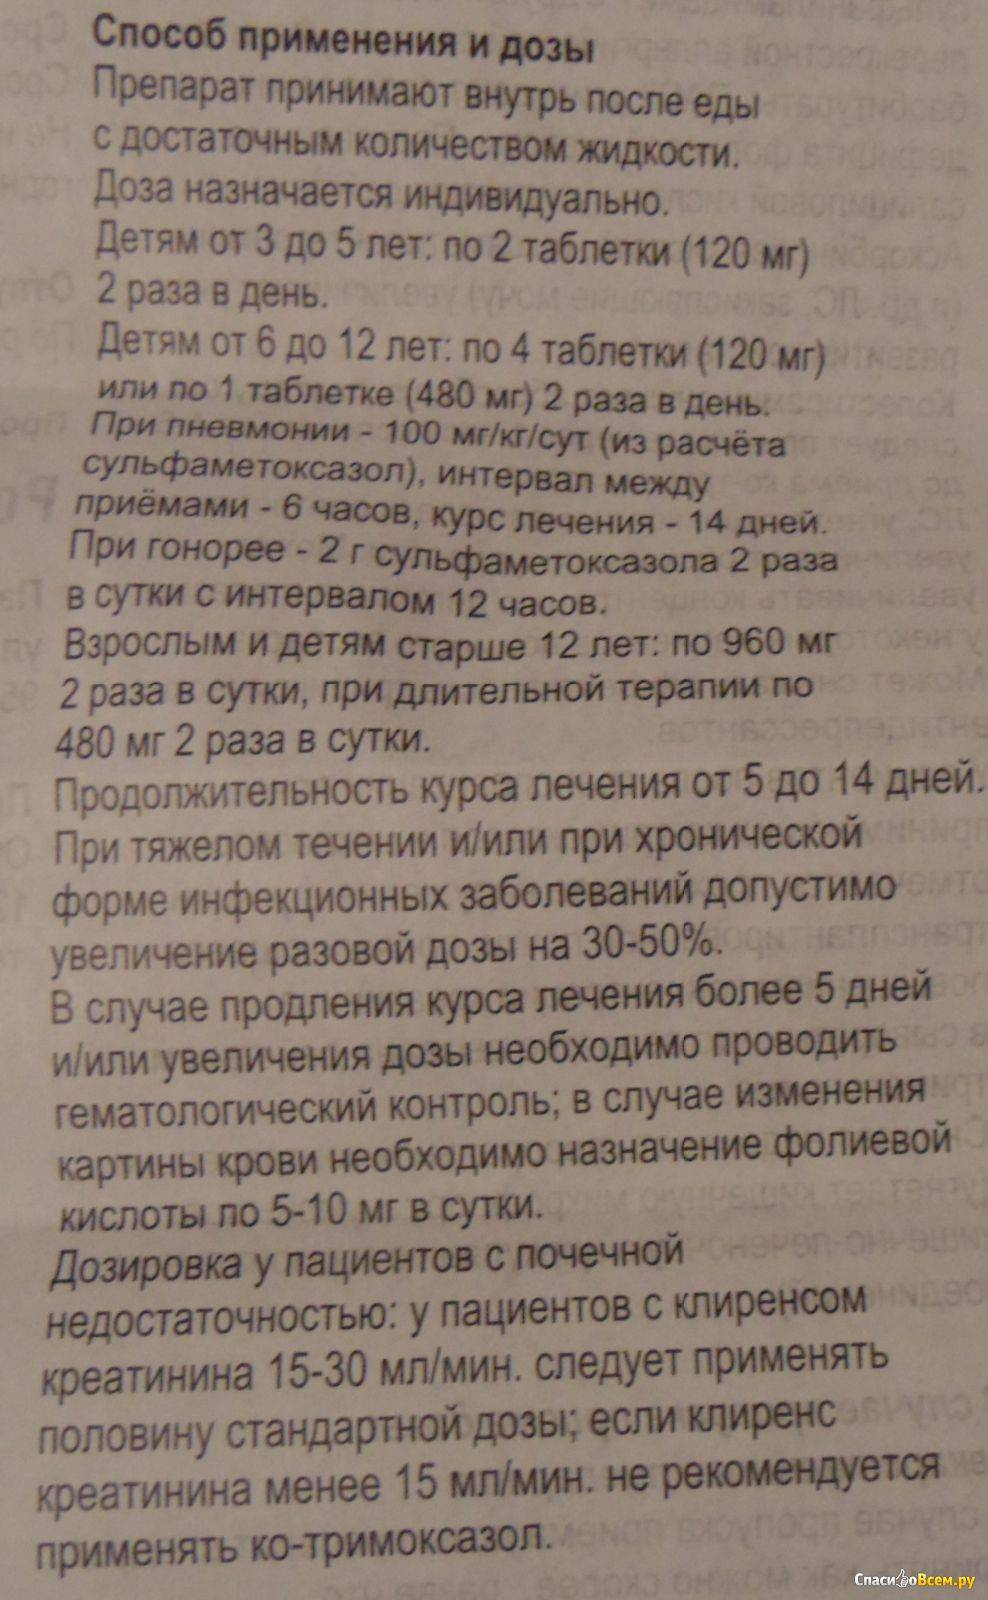 """Таблетки """"бисептол 480"""": инструкция по применению, состав, дозировка и отзывы покупателей - druggist.ru"""